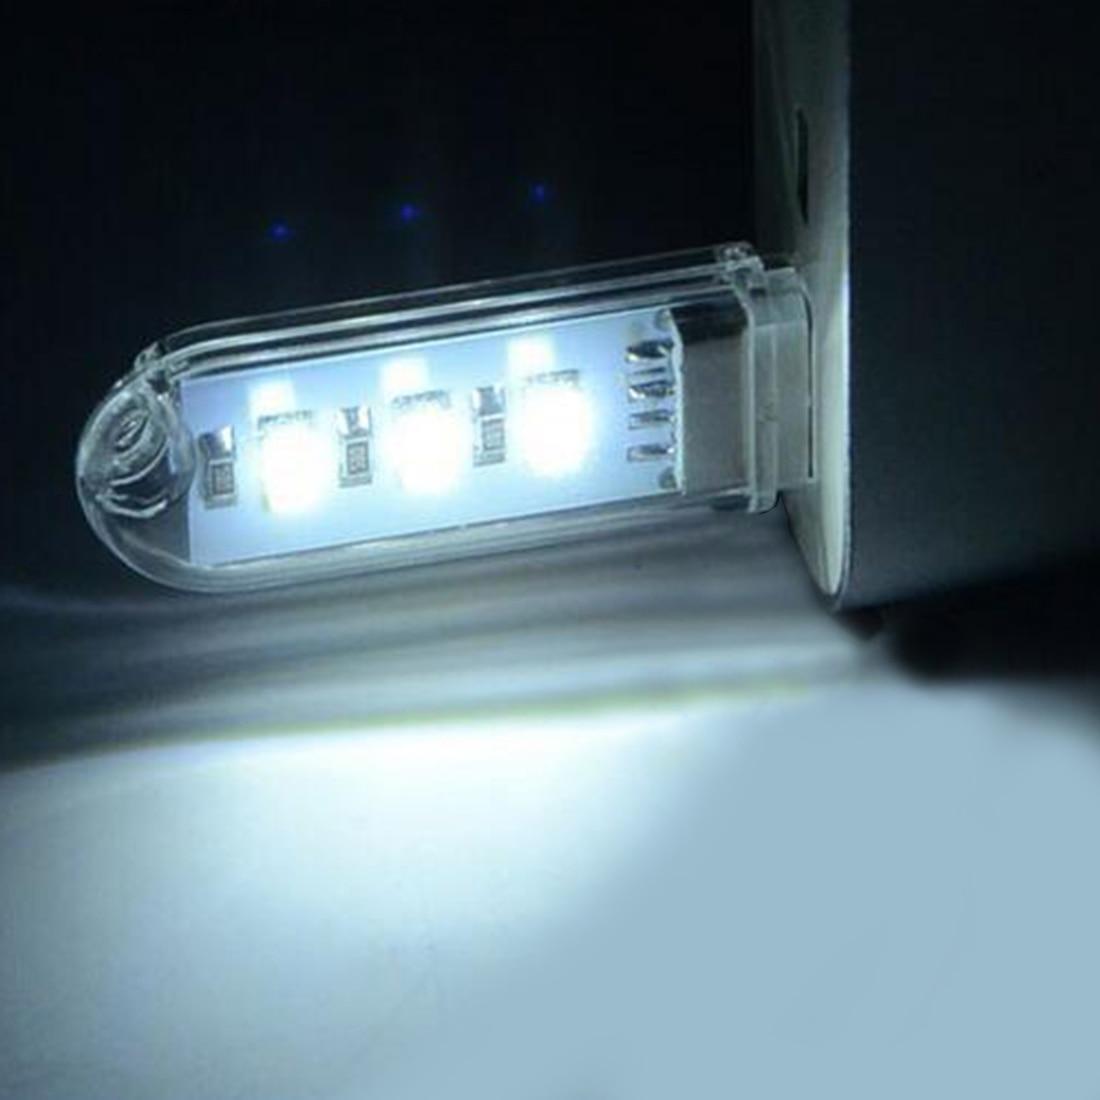 1 шт. мини USB Светодиодная лампа для книг Luz del libro 3 светодиода DC 5 В для ПК ноутбуков компьютера ноутбука Power Bank лампа для кемпинга лампа для чте...